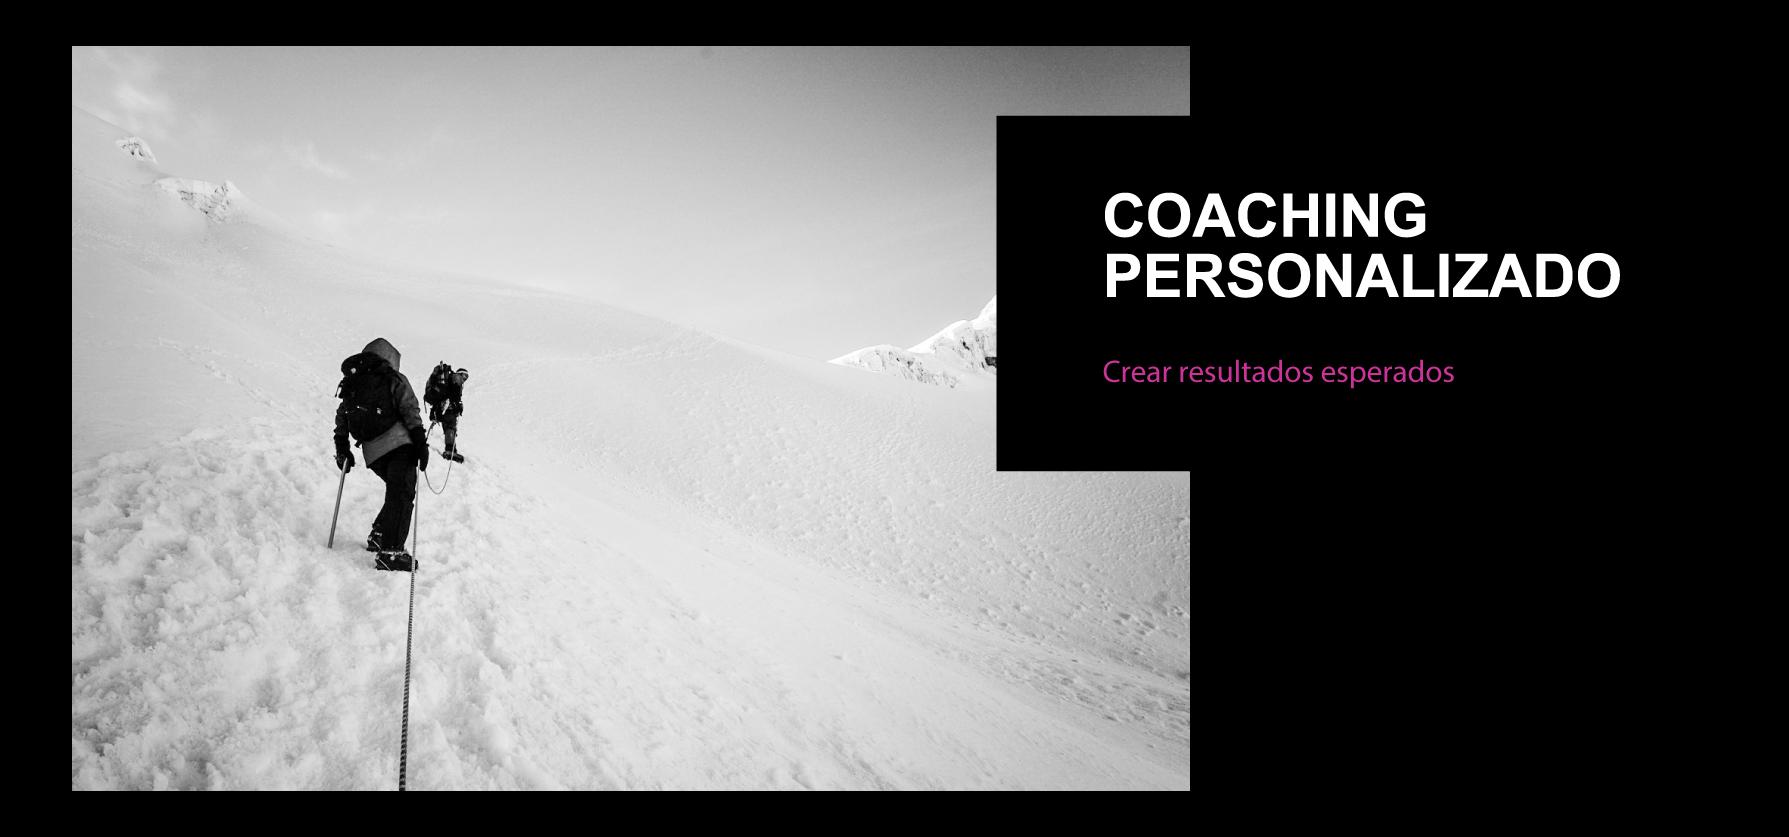 Coaching-Personalizado.png